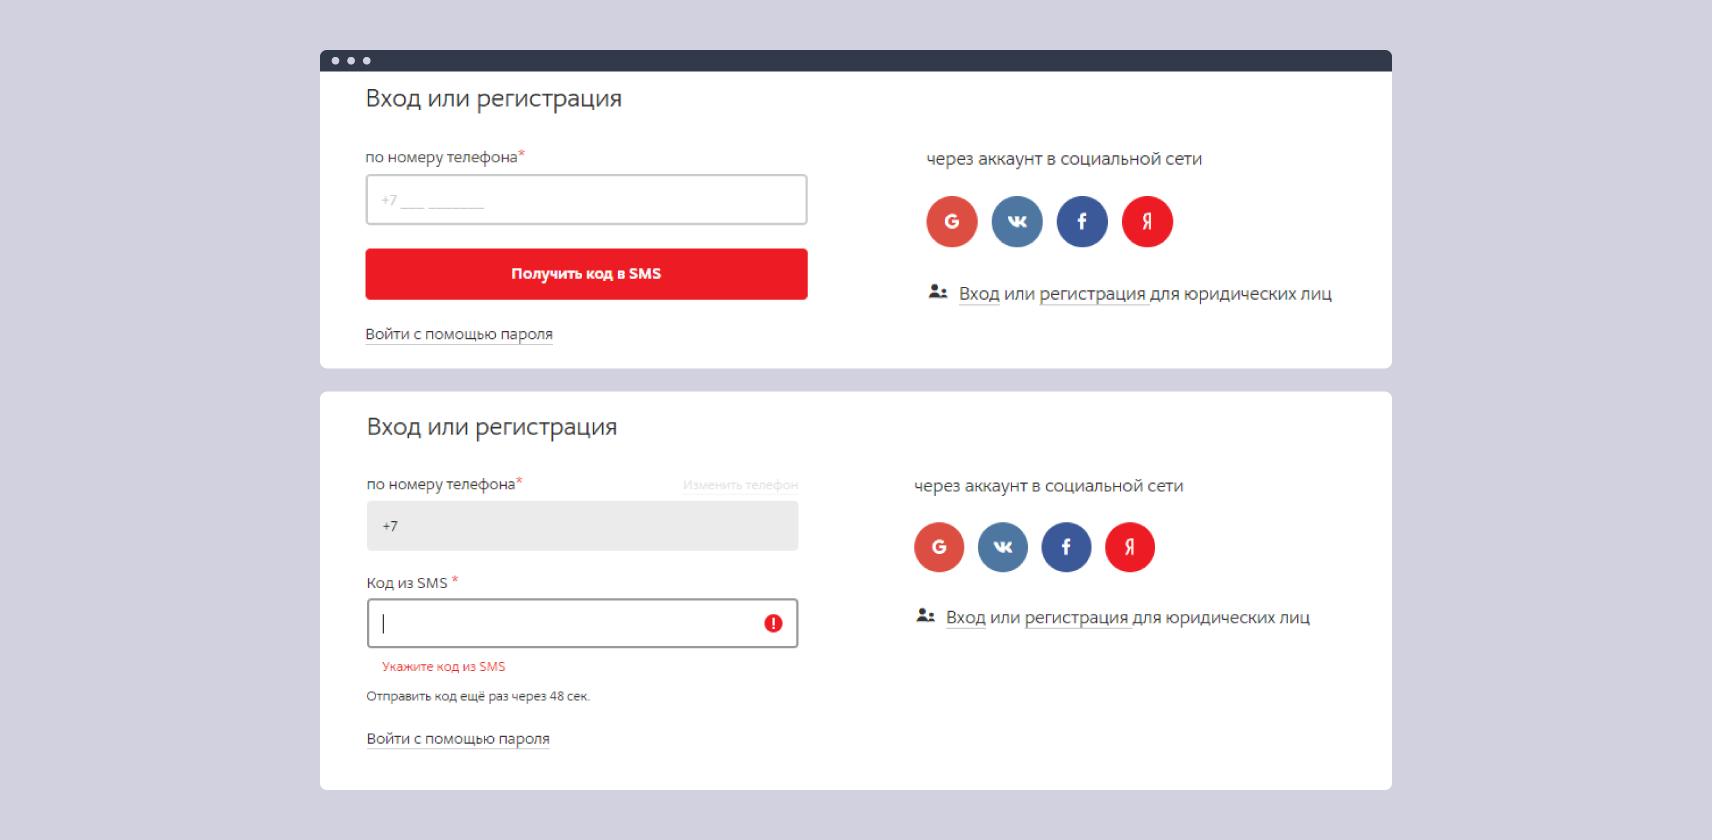 Форма регистрации в бонусной программе